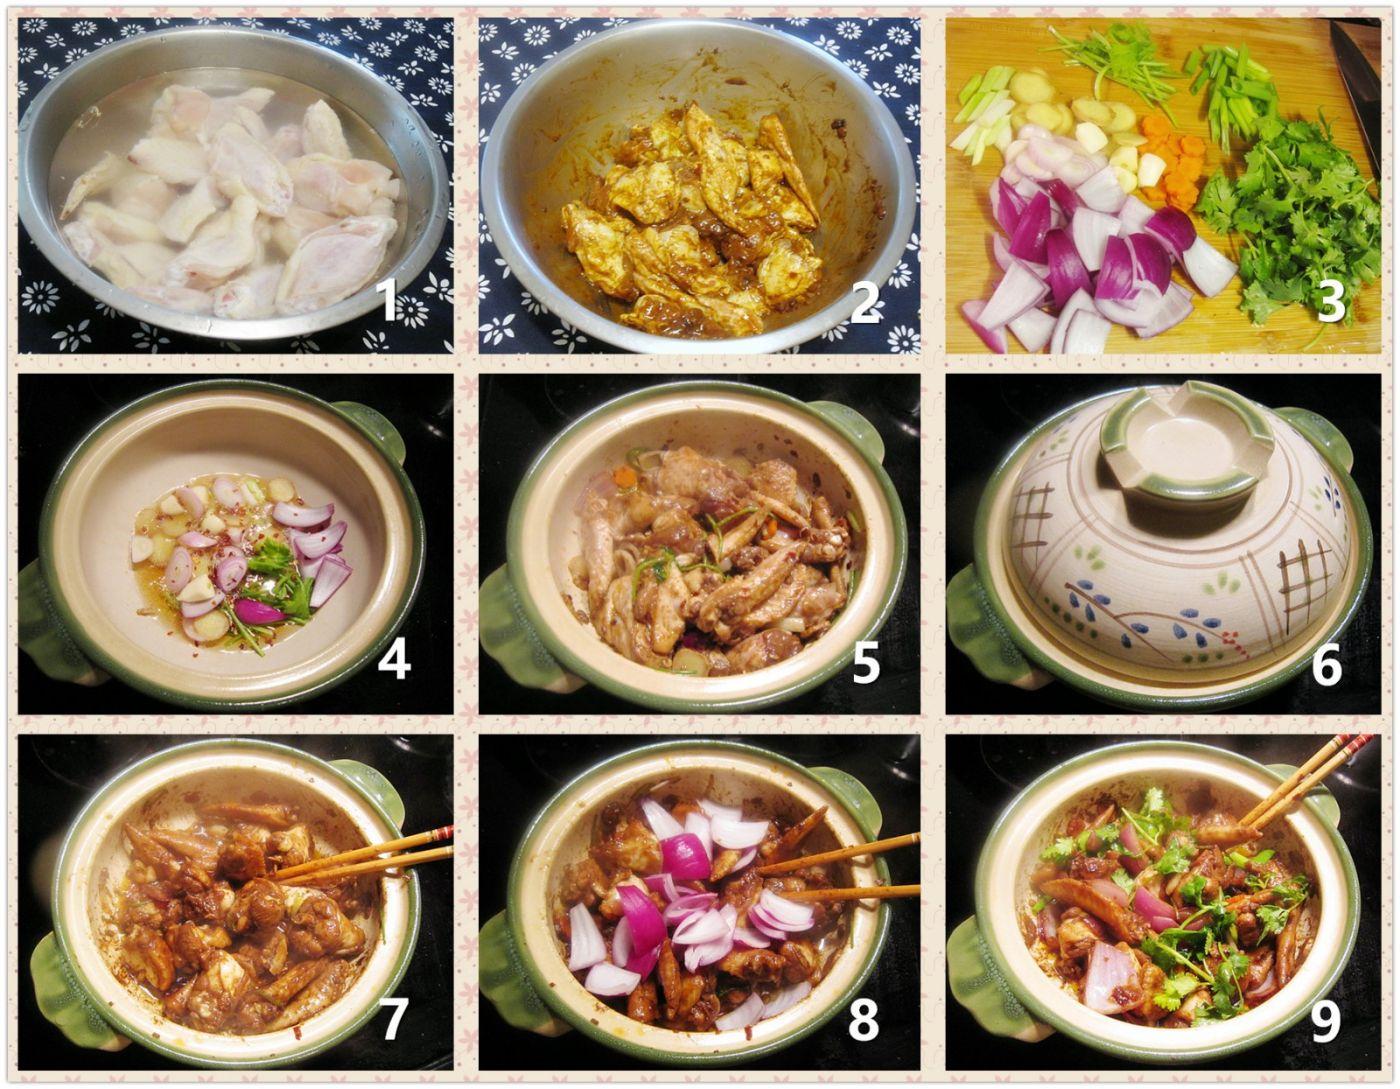 酱香鸡翅煲_图1-2